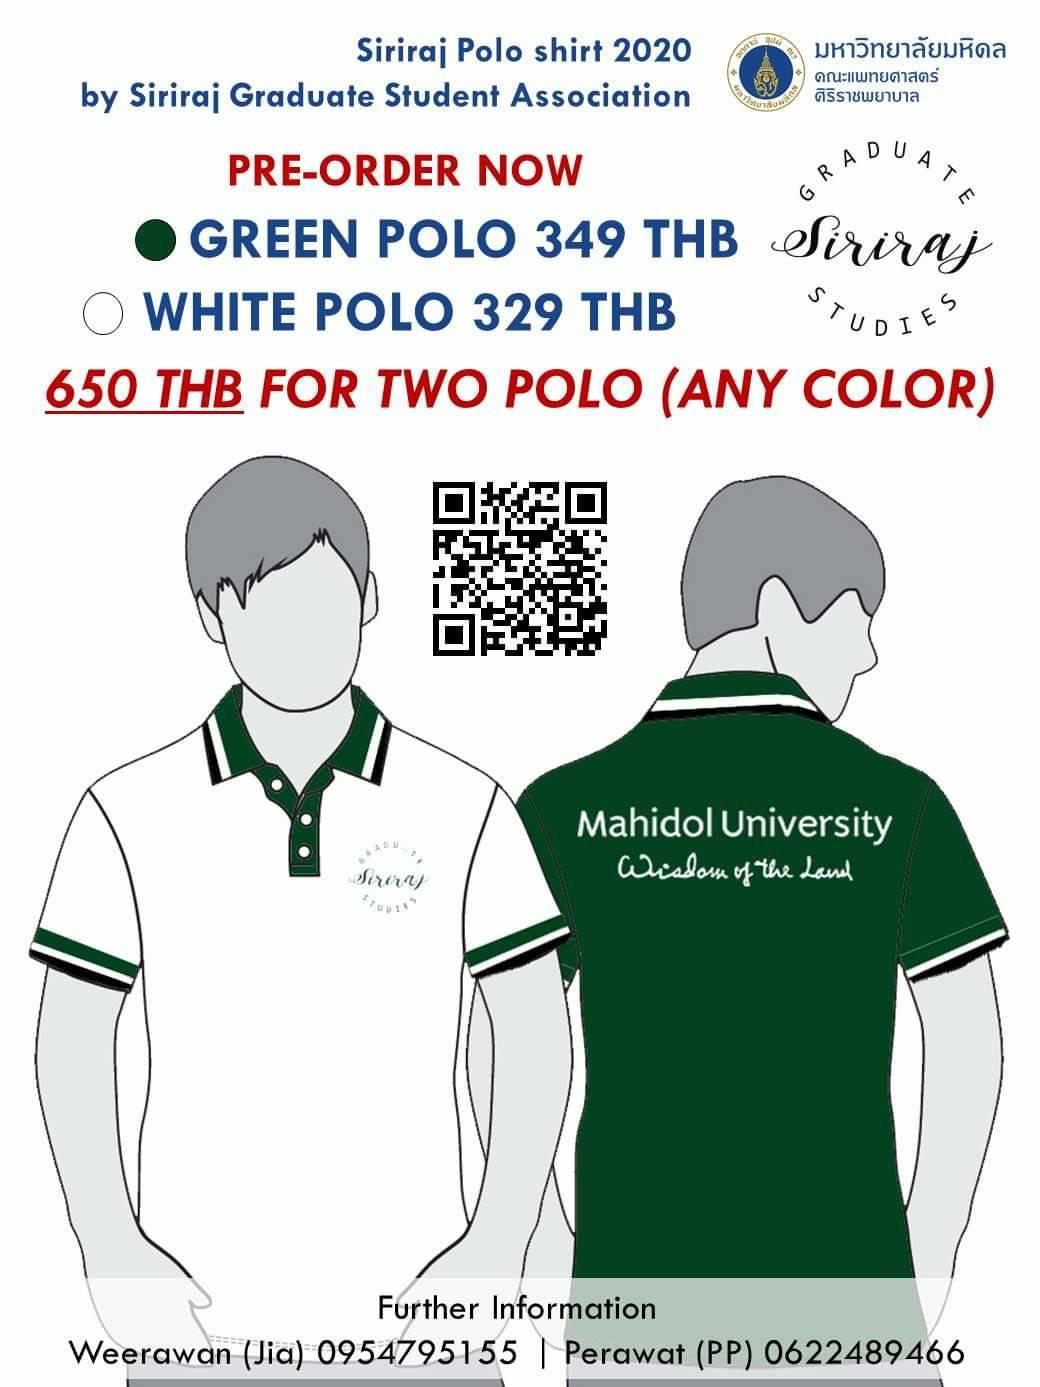 เปิด Pre-order เสื้อโปโลบัณฑิตศึกษาศิริราช (รอบ 2)